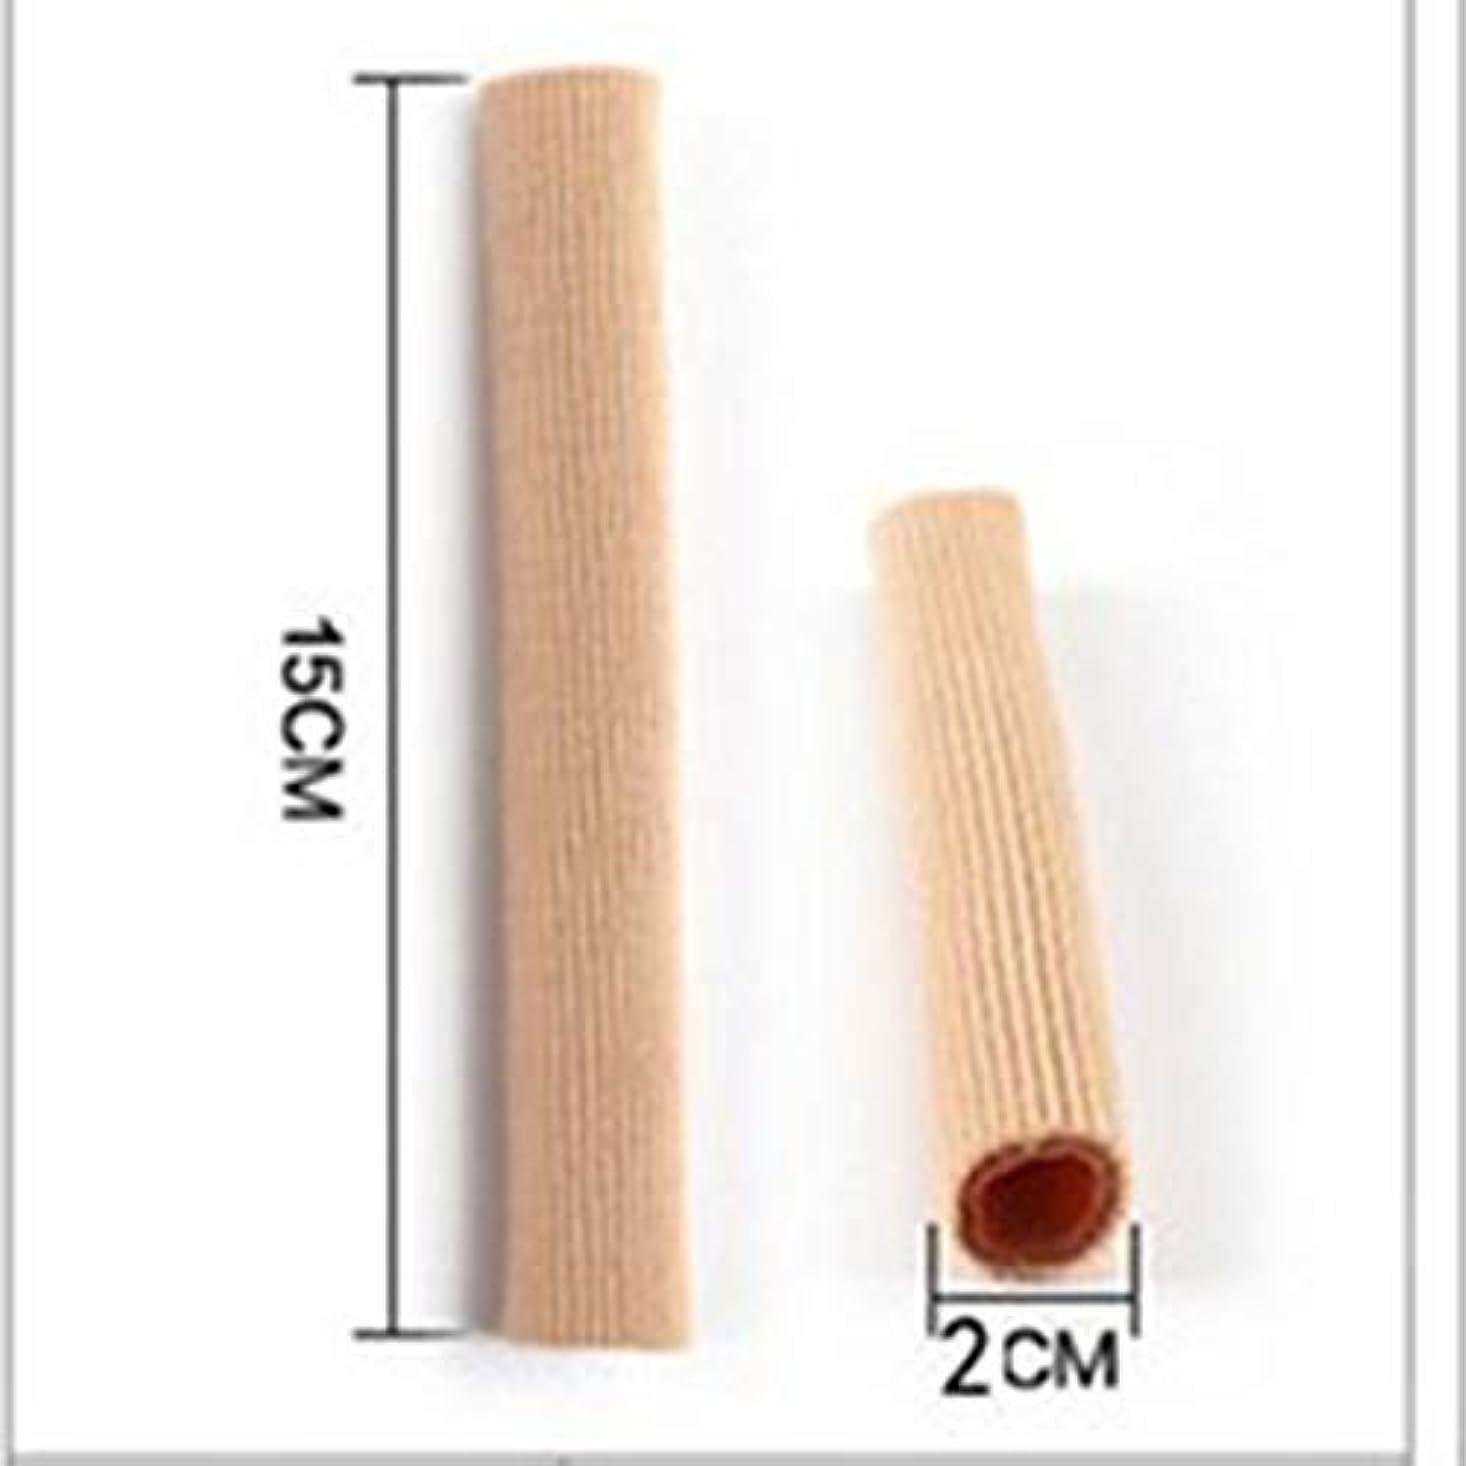 火山銀河登録Open Toe Tubes Gel Lined Fabric Sleeve Protectors To Prevent Corns, Calluses And Blisters While Softening And...